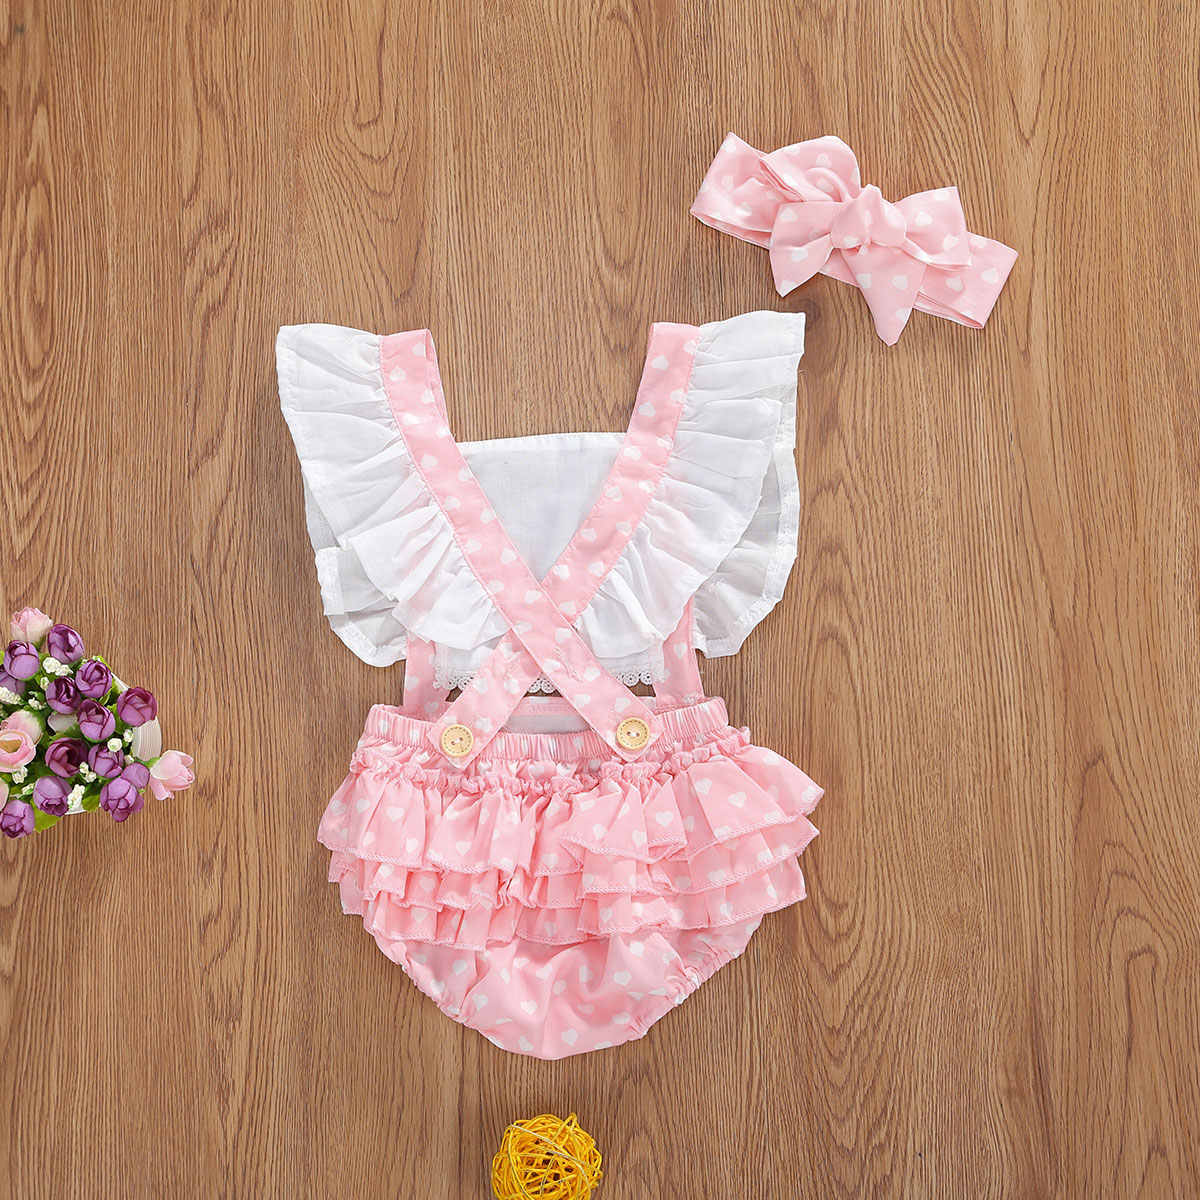 2020 verão recém-nascido coração impressão bodysuits infantil voar manga gola quadrada em camadas macacão arco cocar 2 pçs